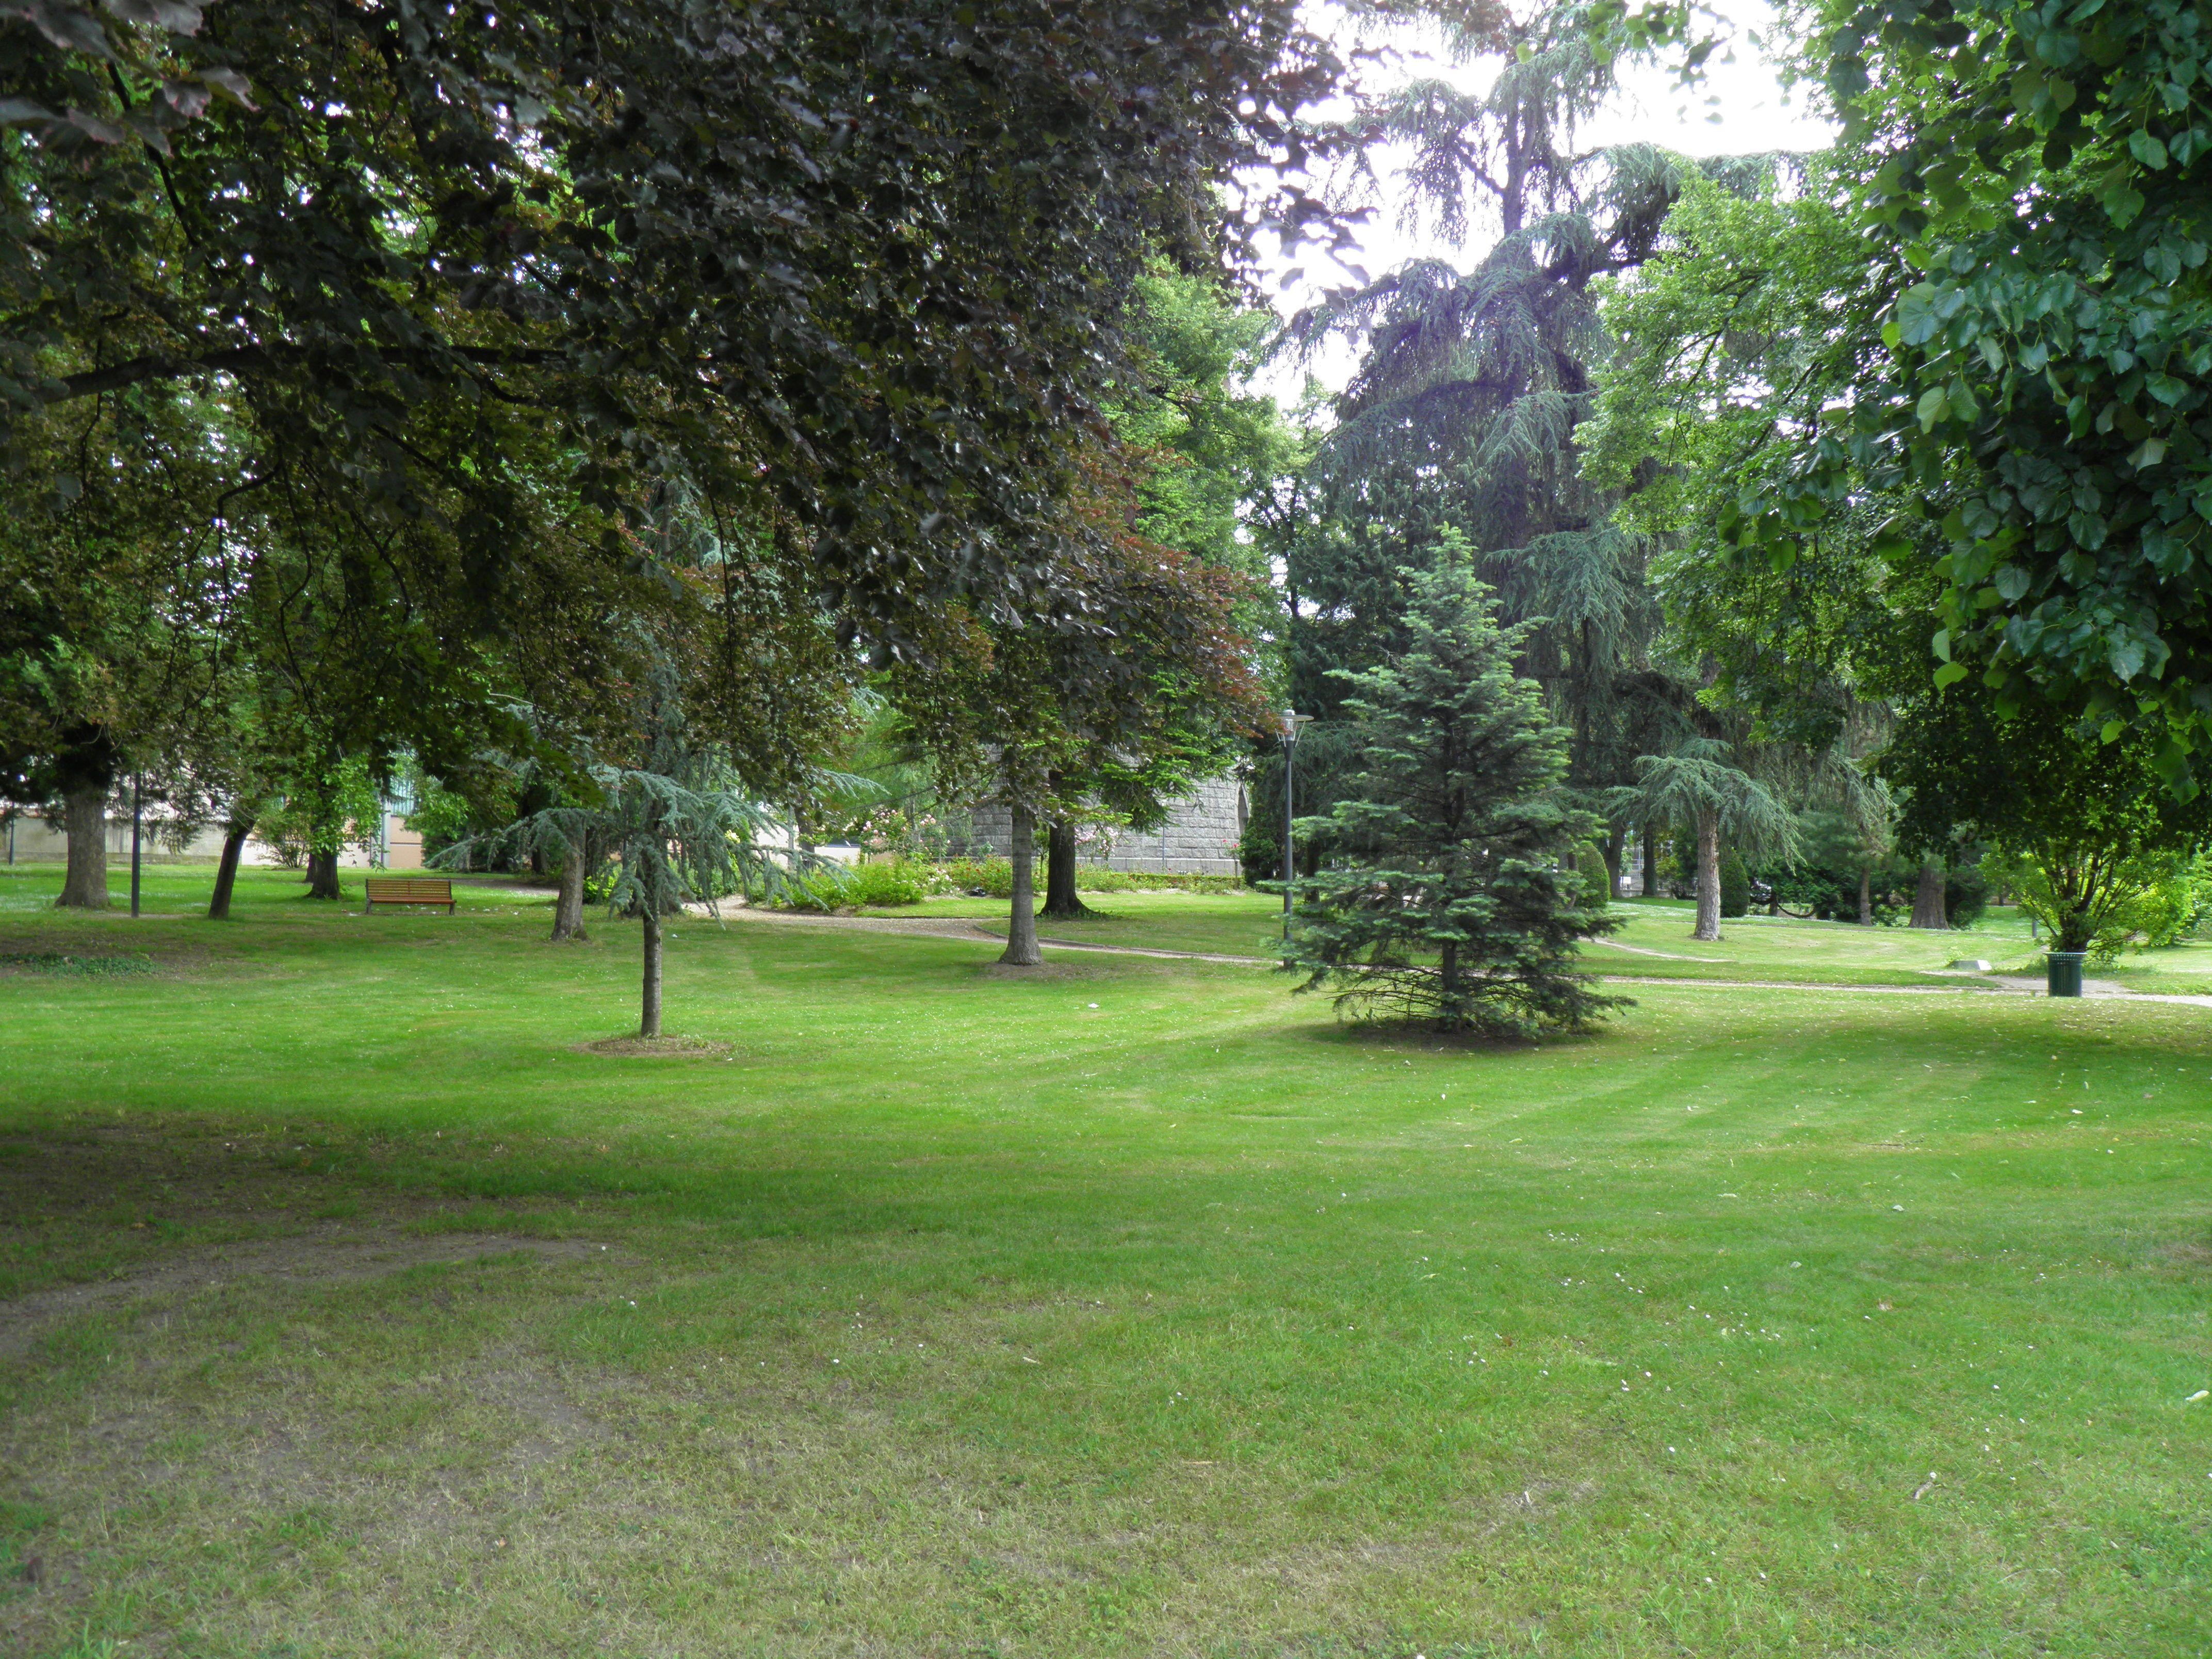 File:Parc du château d\'eau (Colmar) (3).JPG - Wikimedia Commons